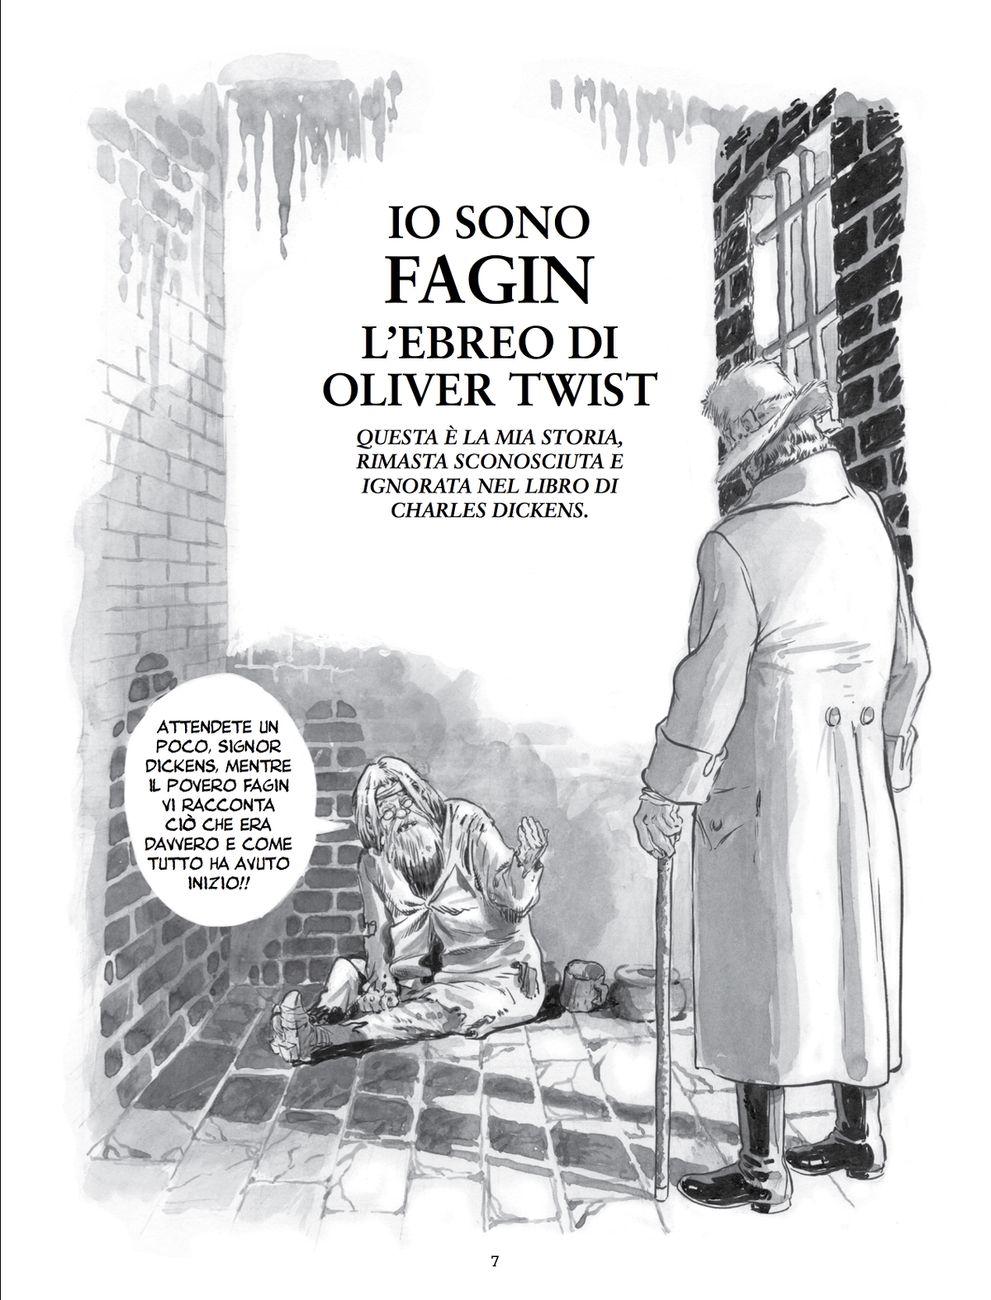 Will Eisner – Fagin l'Ebreo (001 Edizioni, Torino 2018)